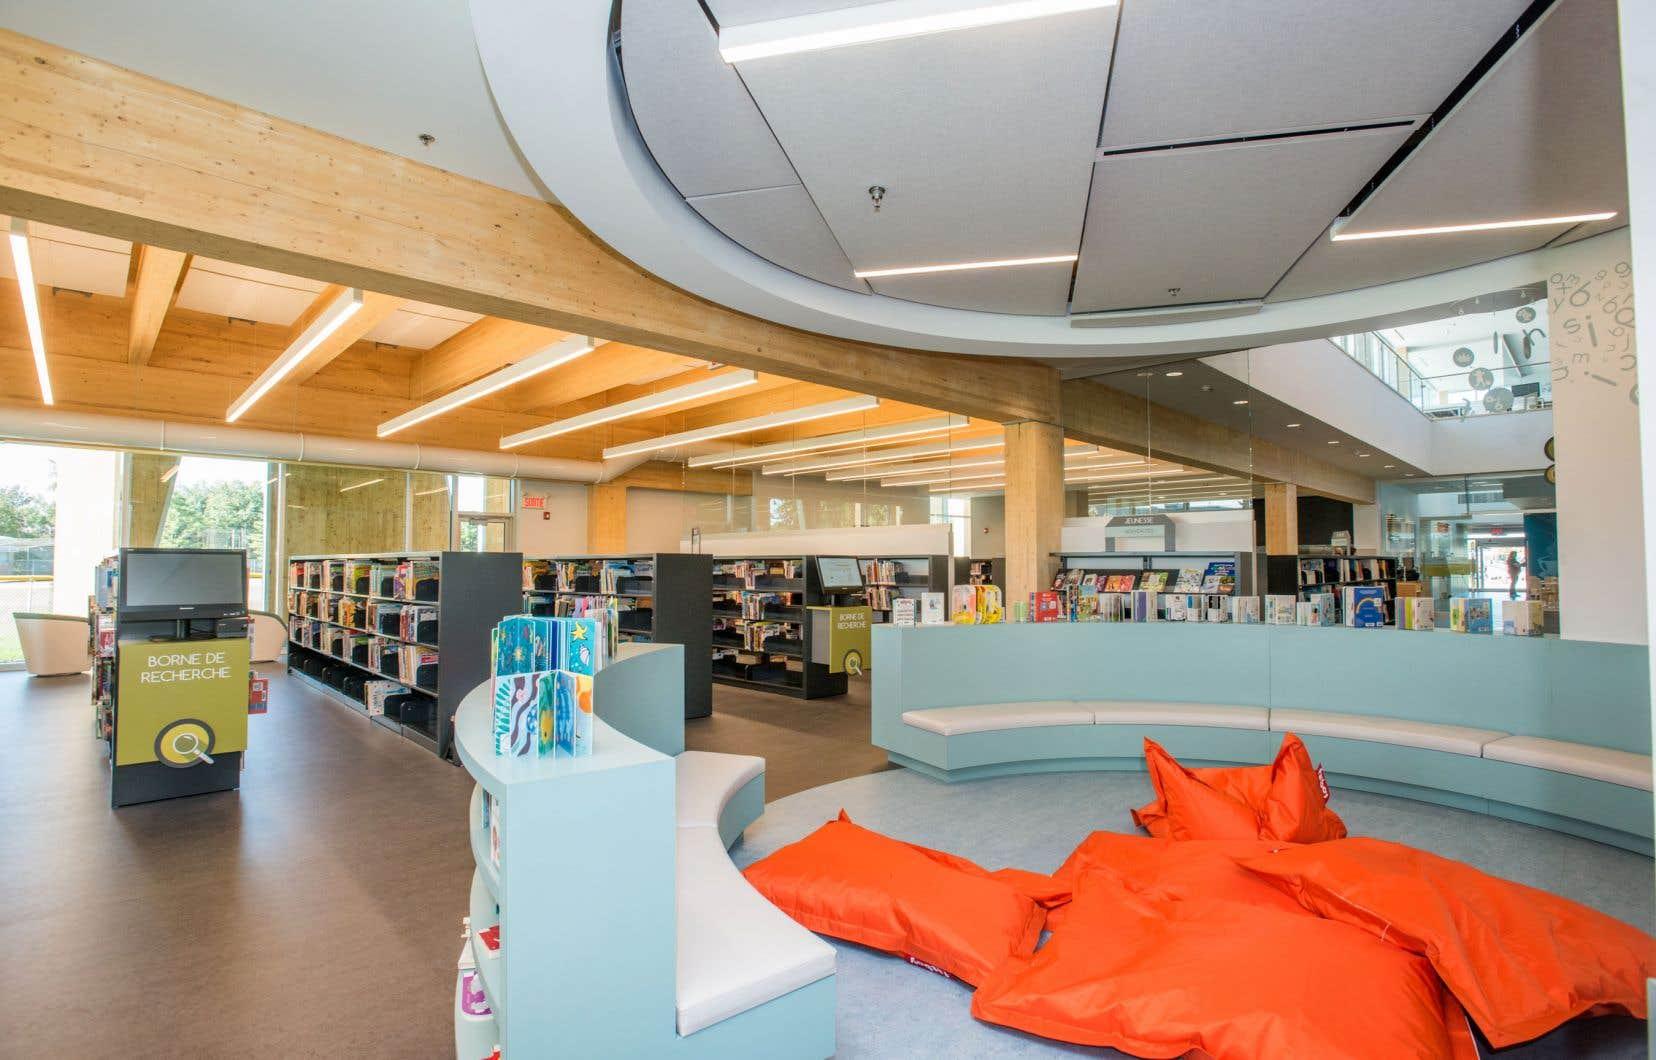 La bibliothèque Paul-Mercier, à Blainville, est née en 2015, avec un budget de construction de 12millions de dollars.